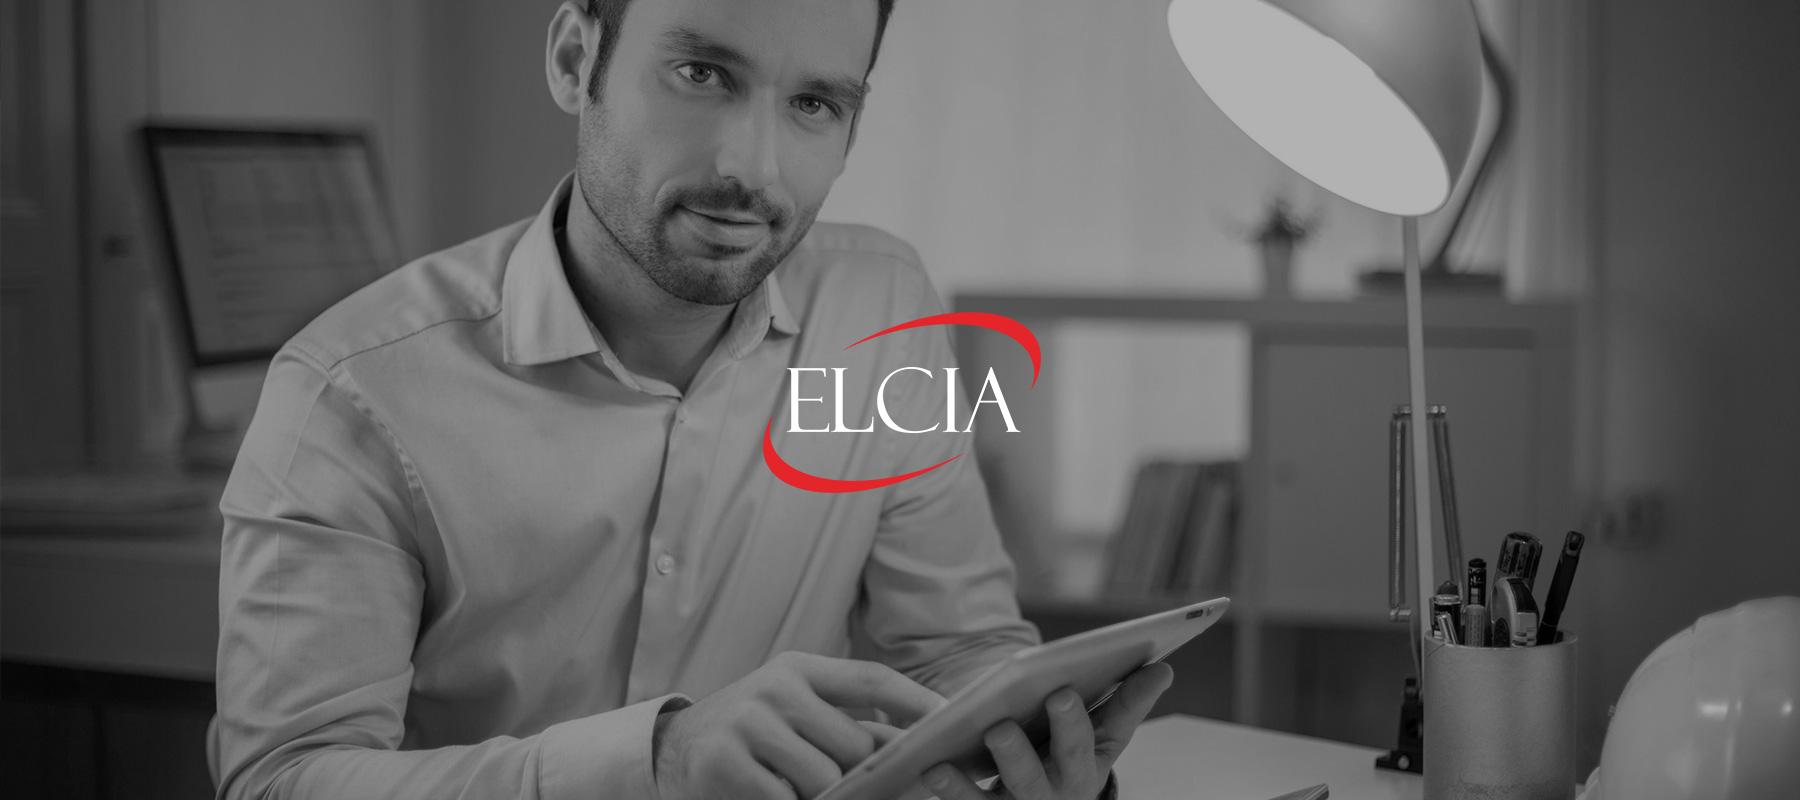 Elcia design interface logiciel direction artistique for Les stands brignais